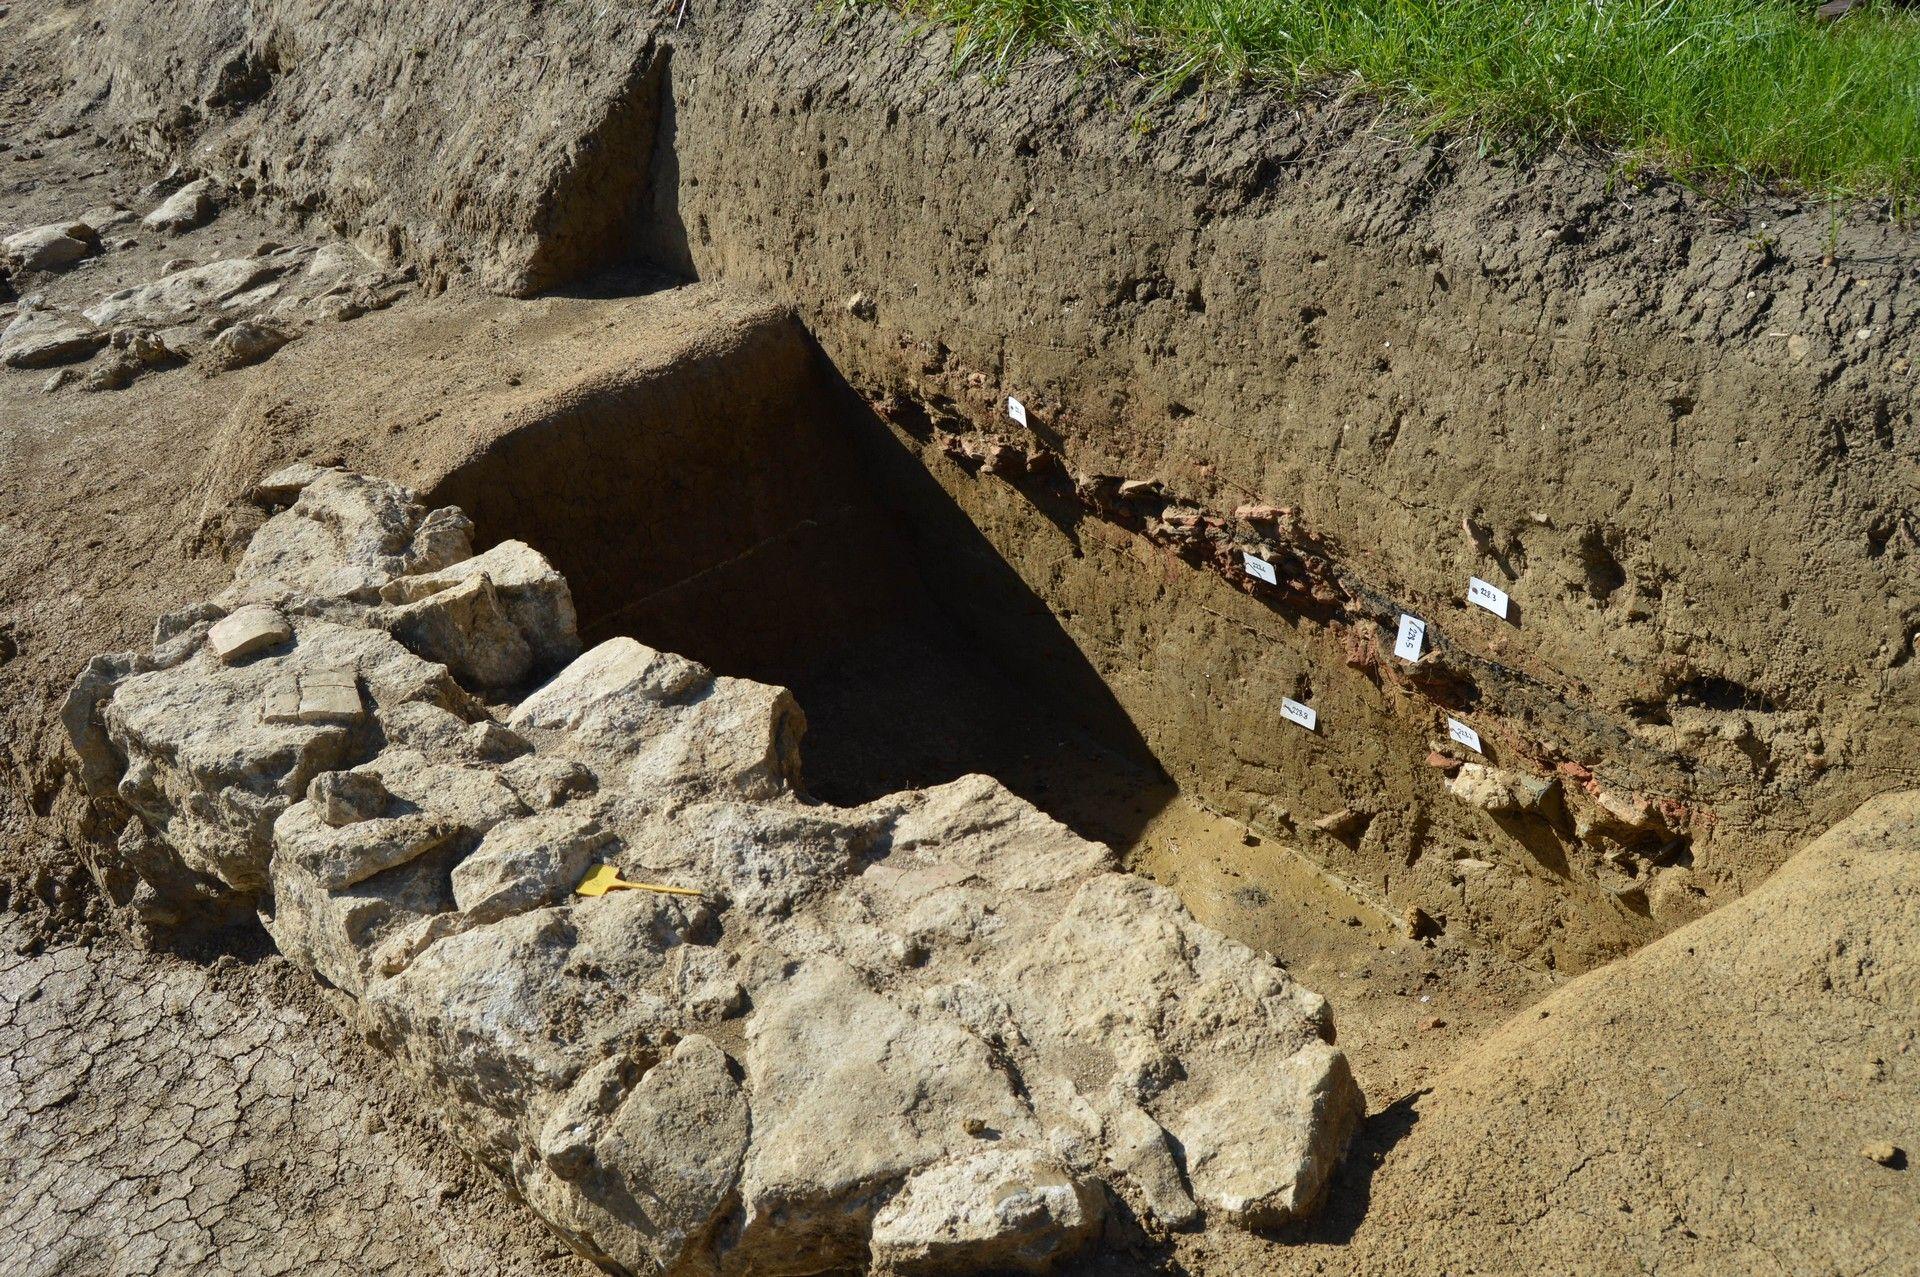 fouilles-archéologiques-la-jurade